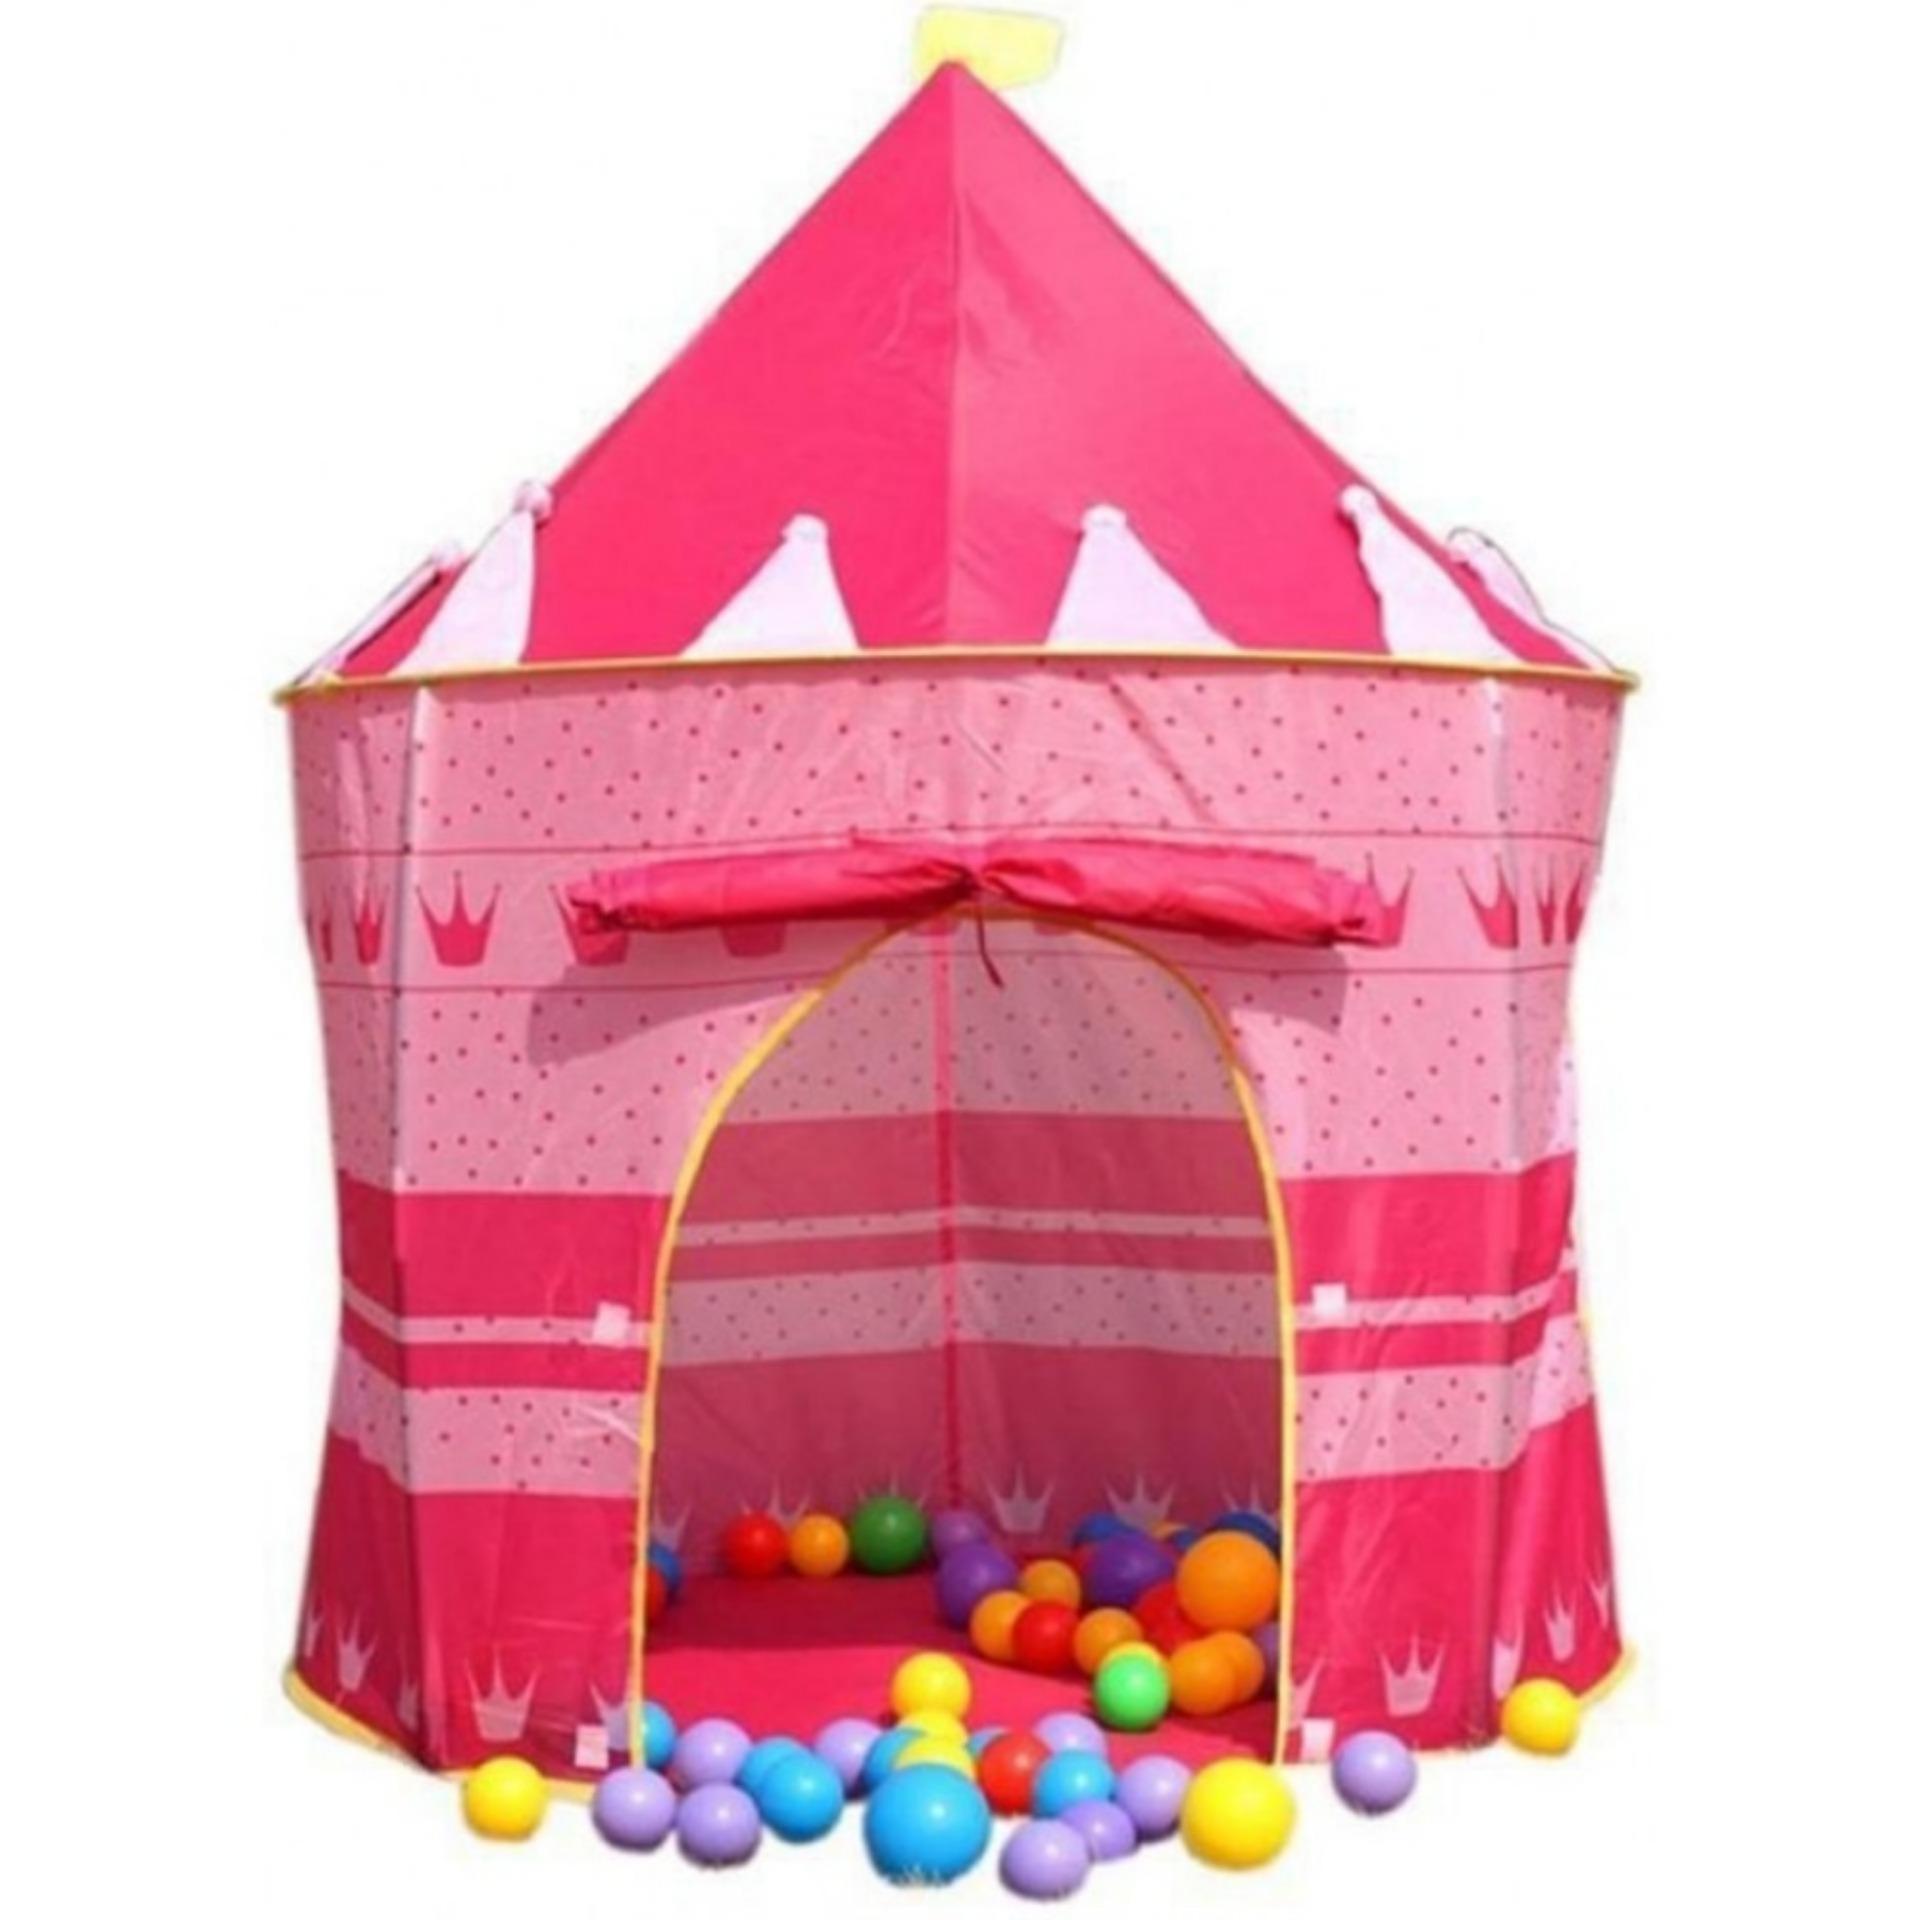 Hình ảnh Lều bóng công chúa hoàng tử_Lều công chúa hồng